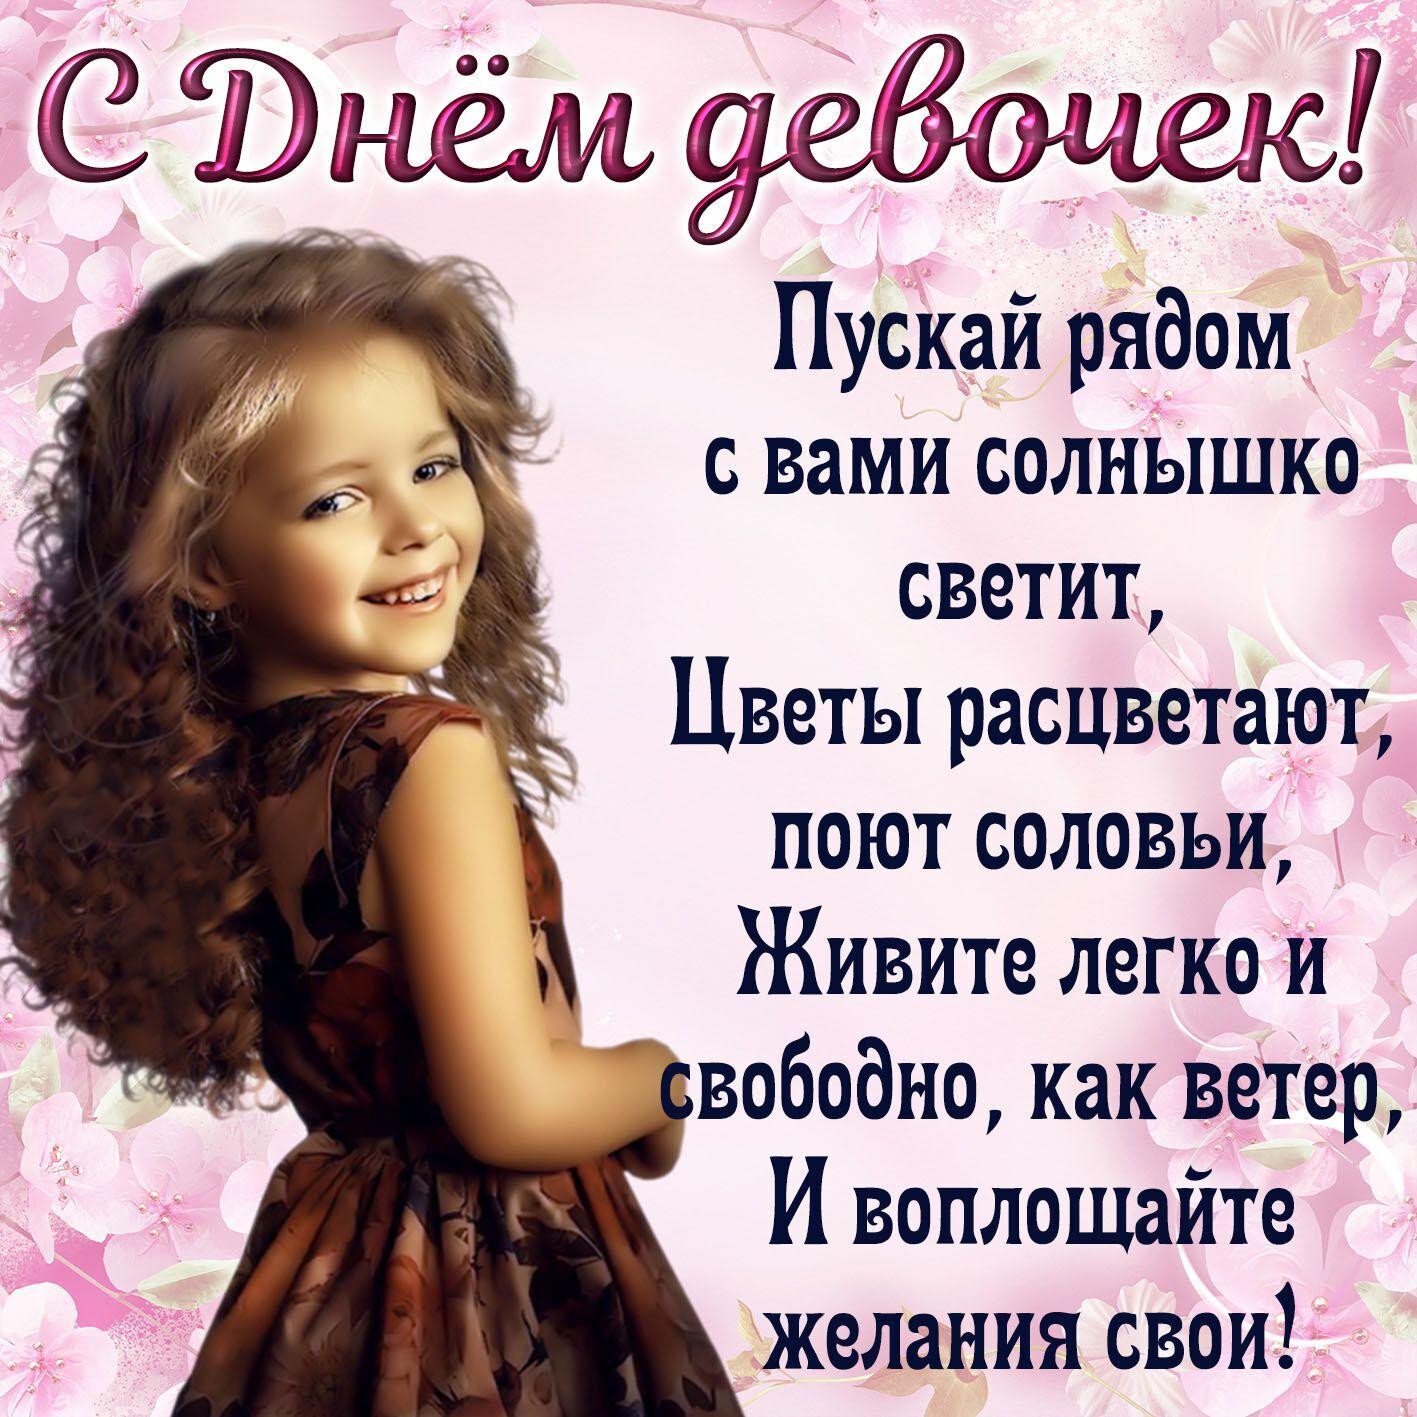 Открытка ко Дню девочек